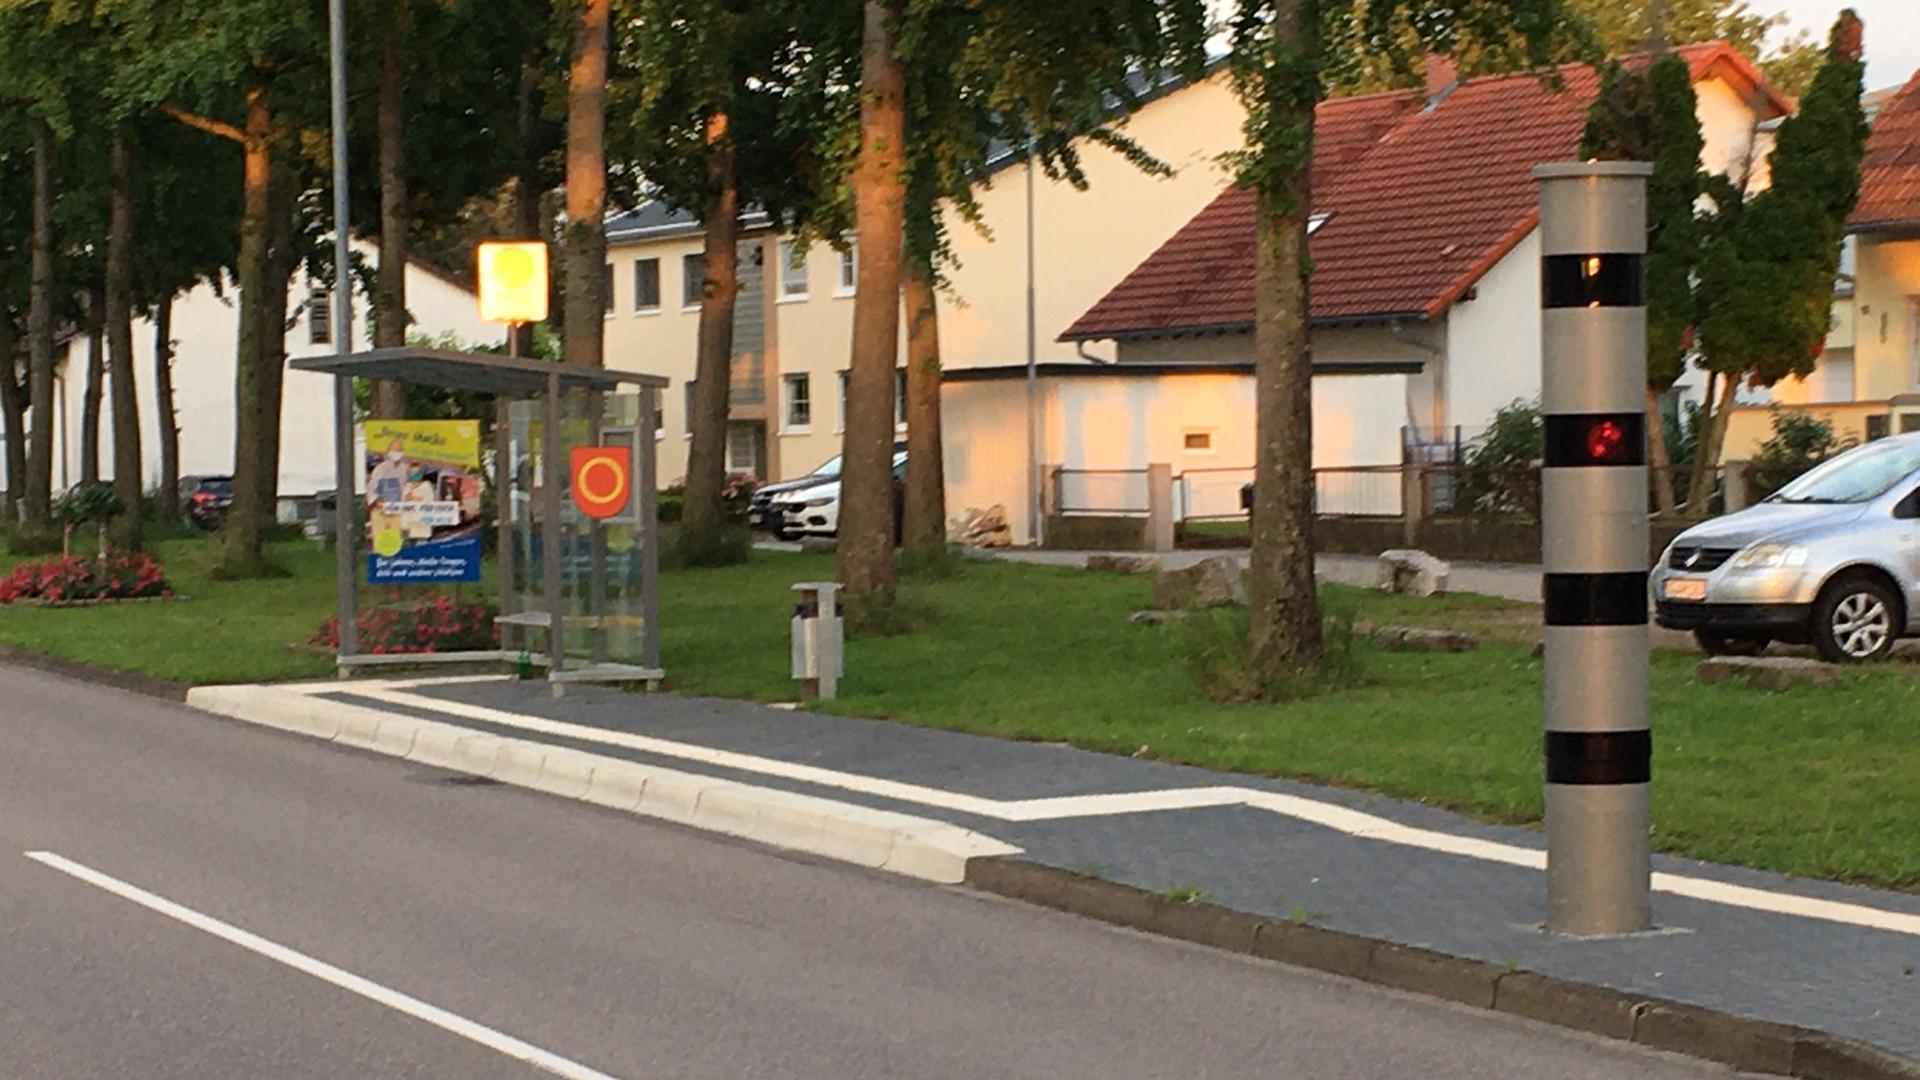 Fest installierte Blitzer, wie hier am Ortseingang von Bodersweier, sollen nach dem Willen des Bau- und Umweltausschusses auch bald in Achern für gemäßigtes Tempo auf den Straßen sorgen. Foto: Michael Brück